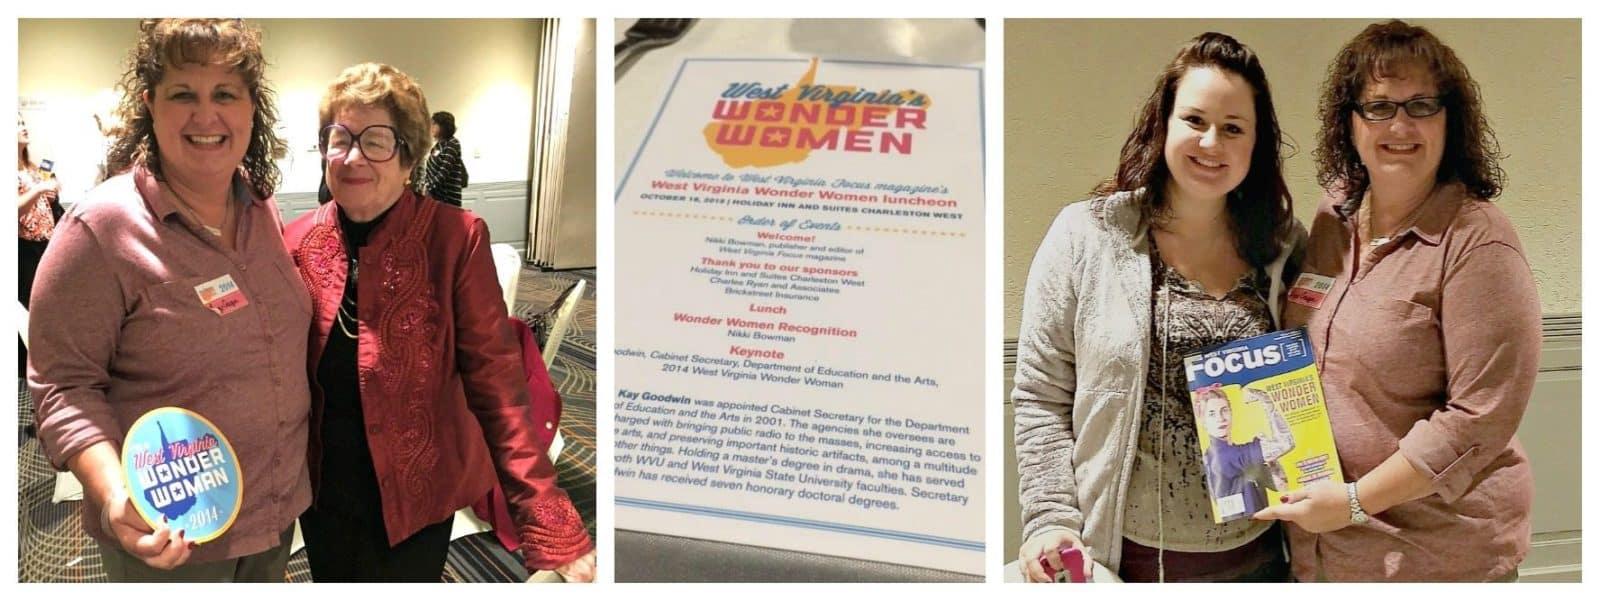 WV Wonder Women Luncheon